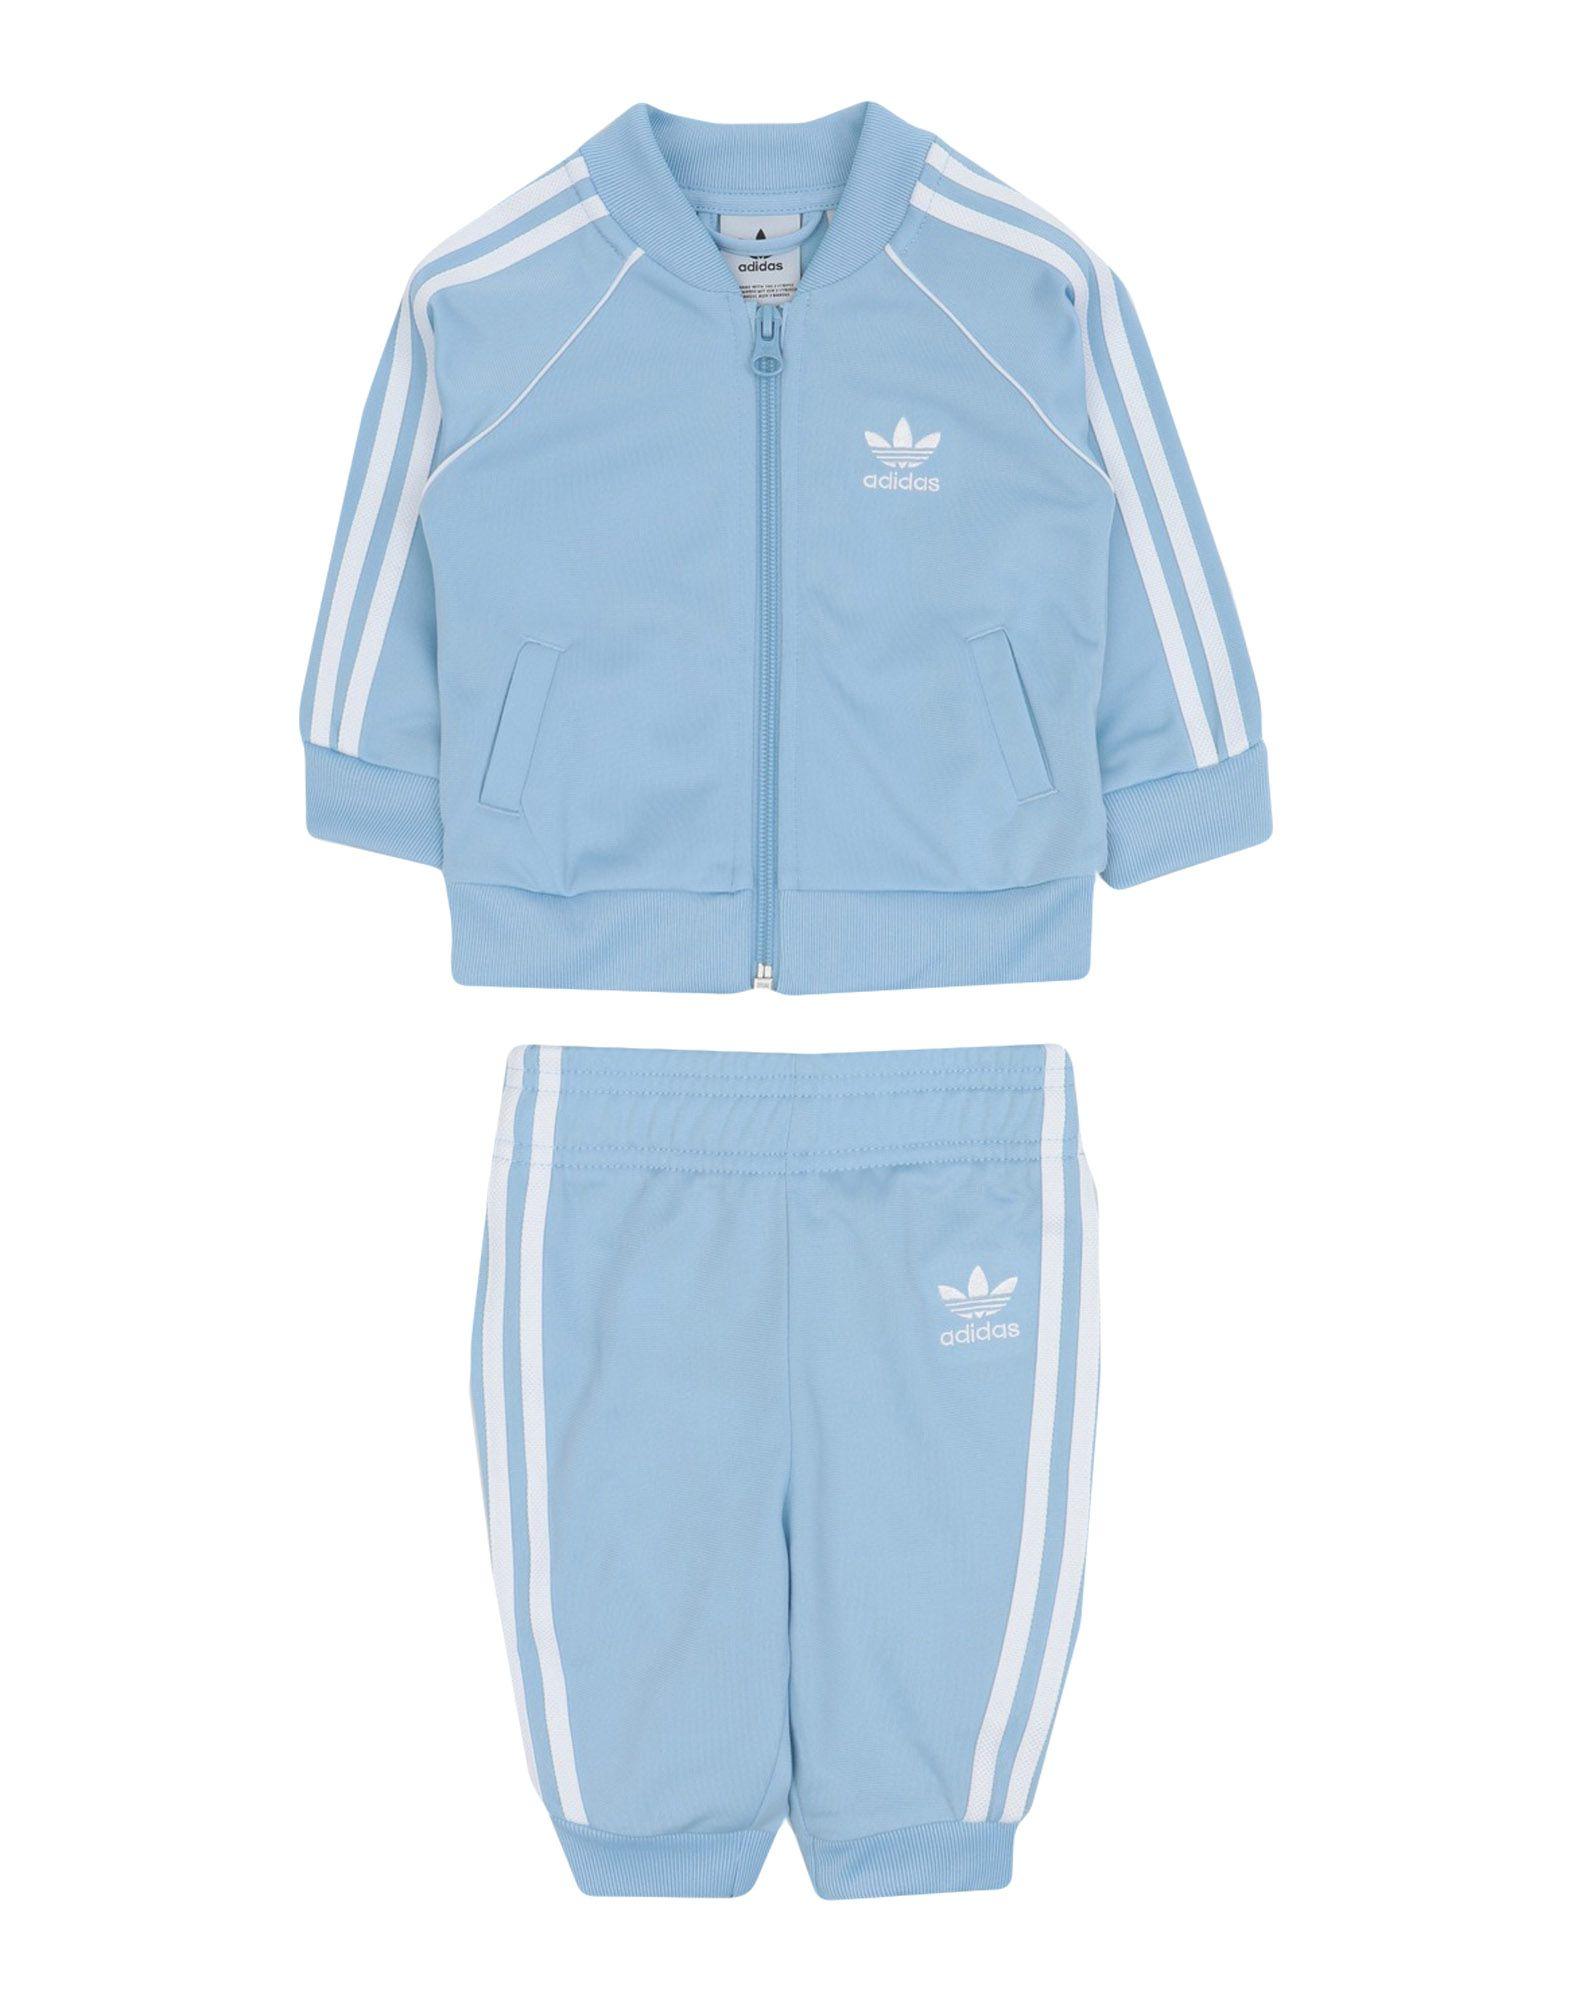 adidas neonato 0 a 6 mesi abbigliamento